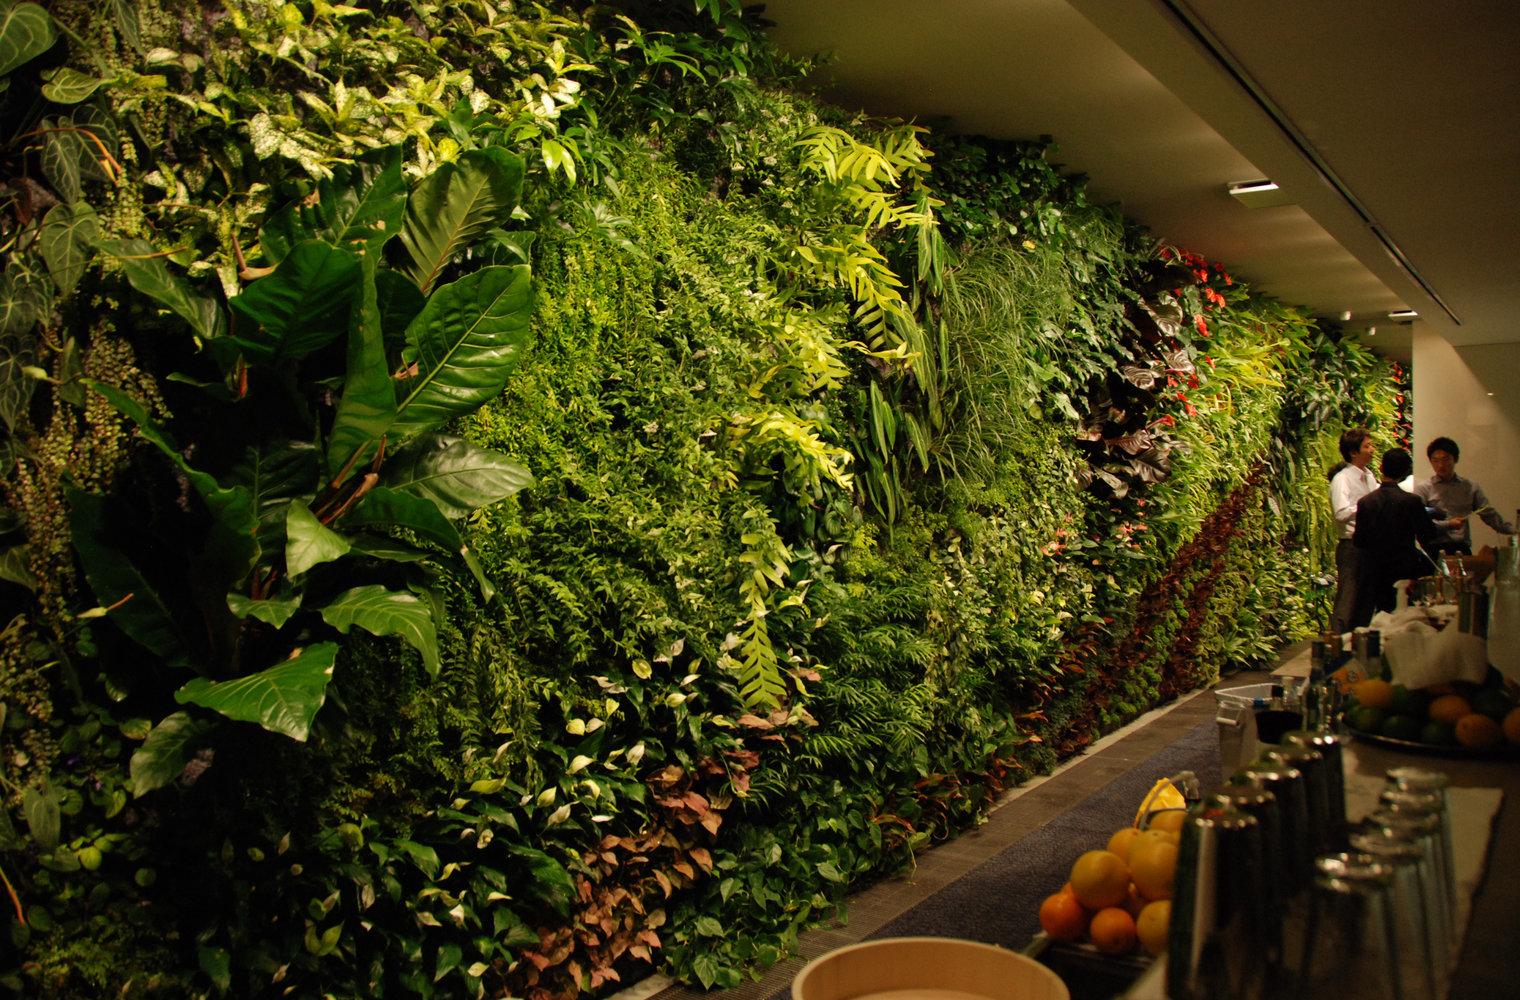 đèn chiếu sáng cho cây trồng vườn đứng trong nhà